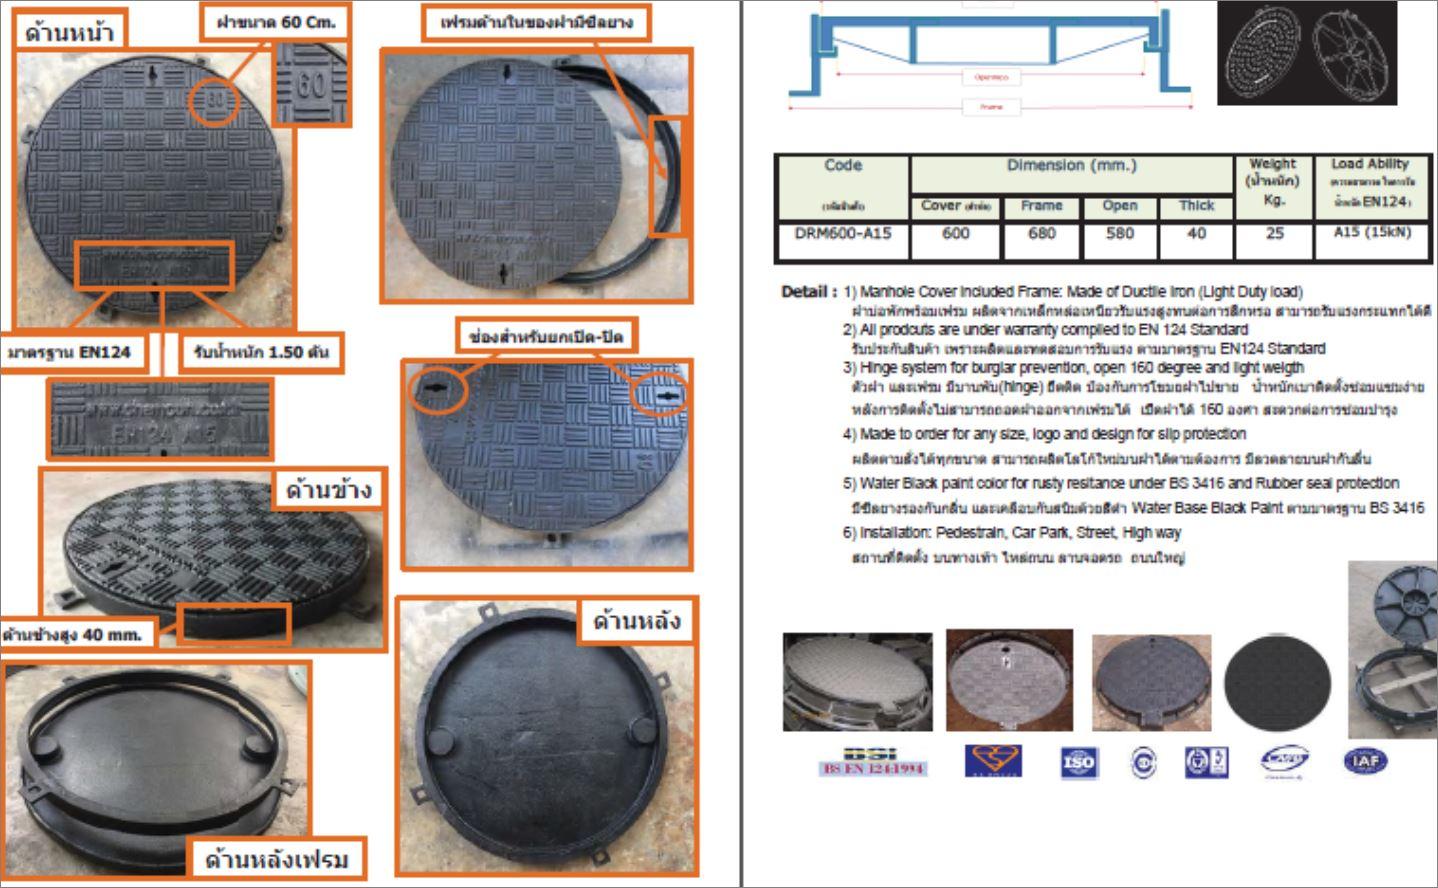 แมนโฮลฝาปิดบ่อครอบท่อพักระบายน้ำตะแกรงเกรตติ้ง Grating Manhole Cover